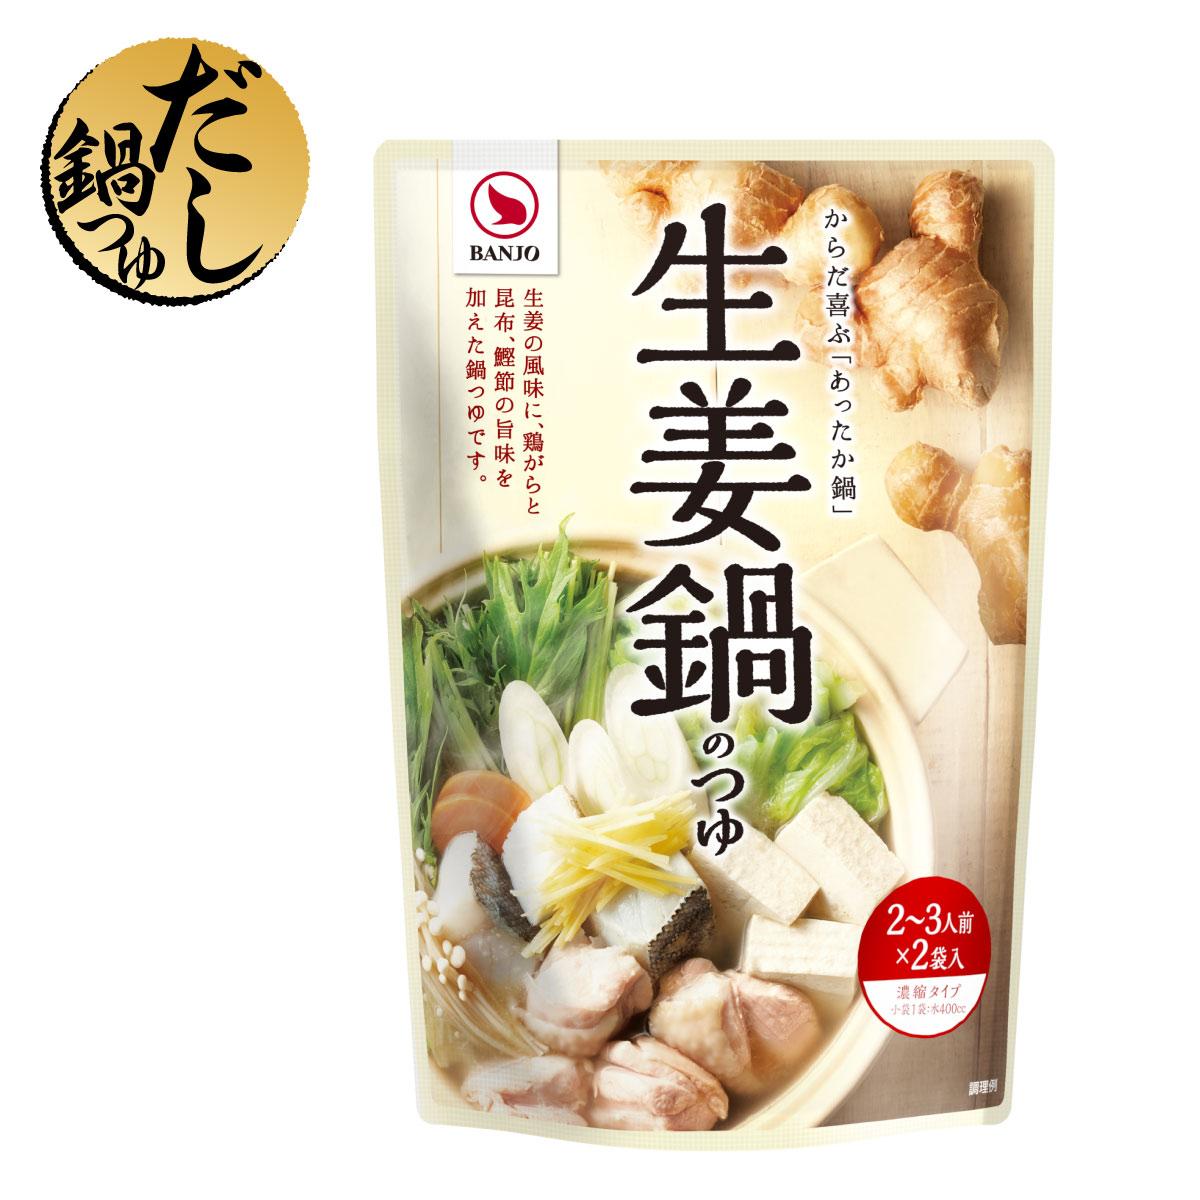 【秋冬限定】生姜鍋つゆ40g×2袋(2セット)